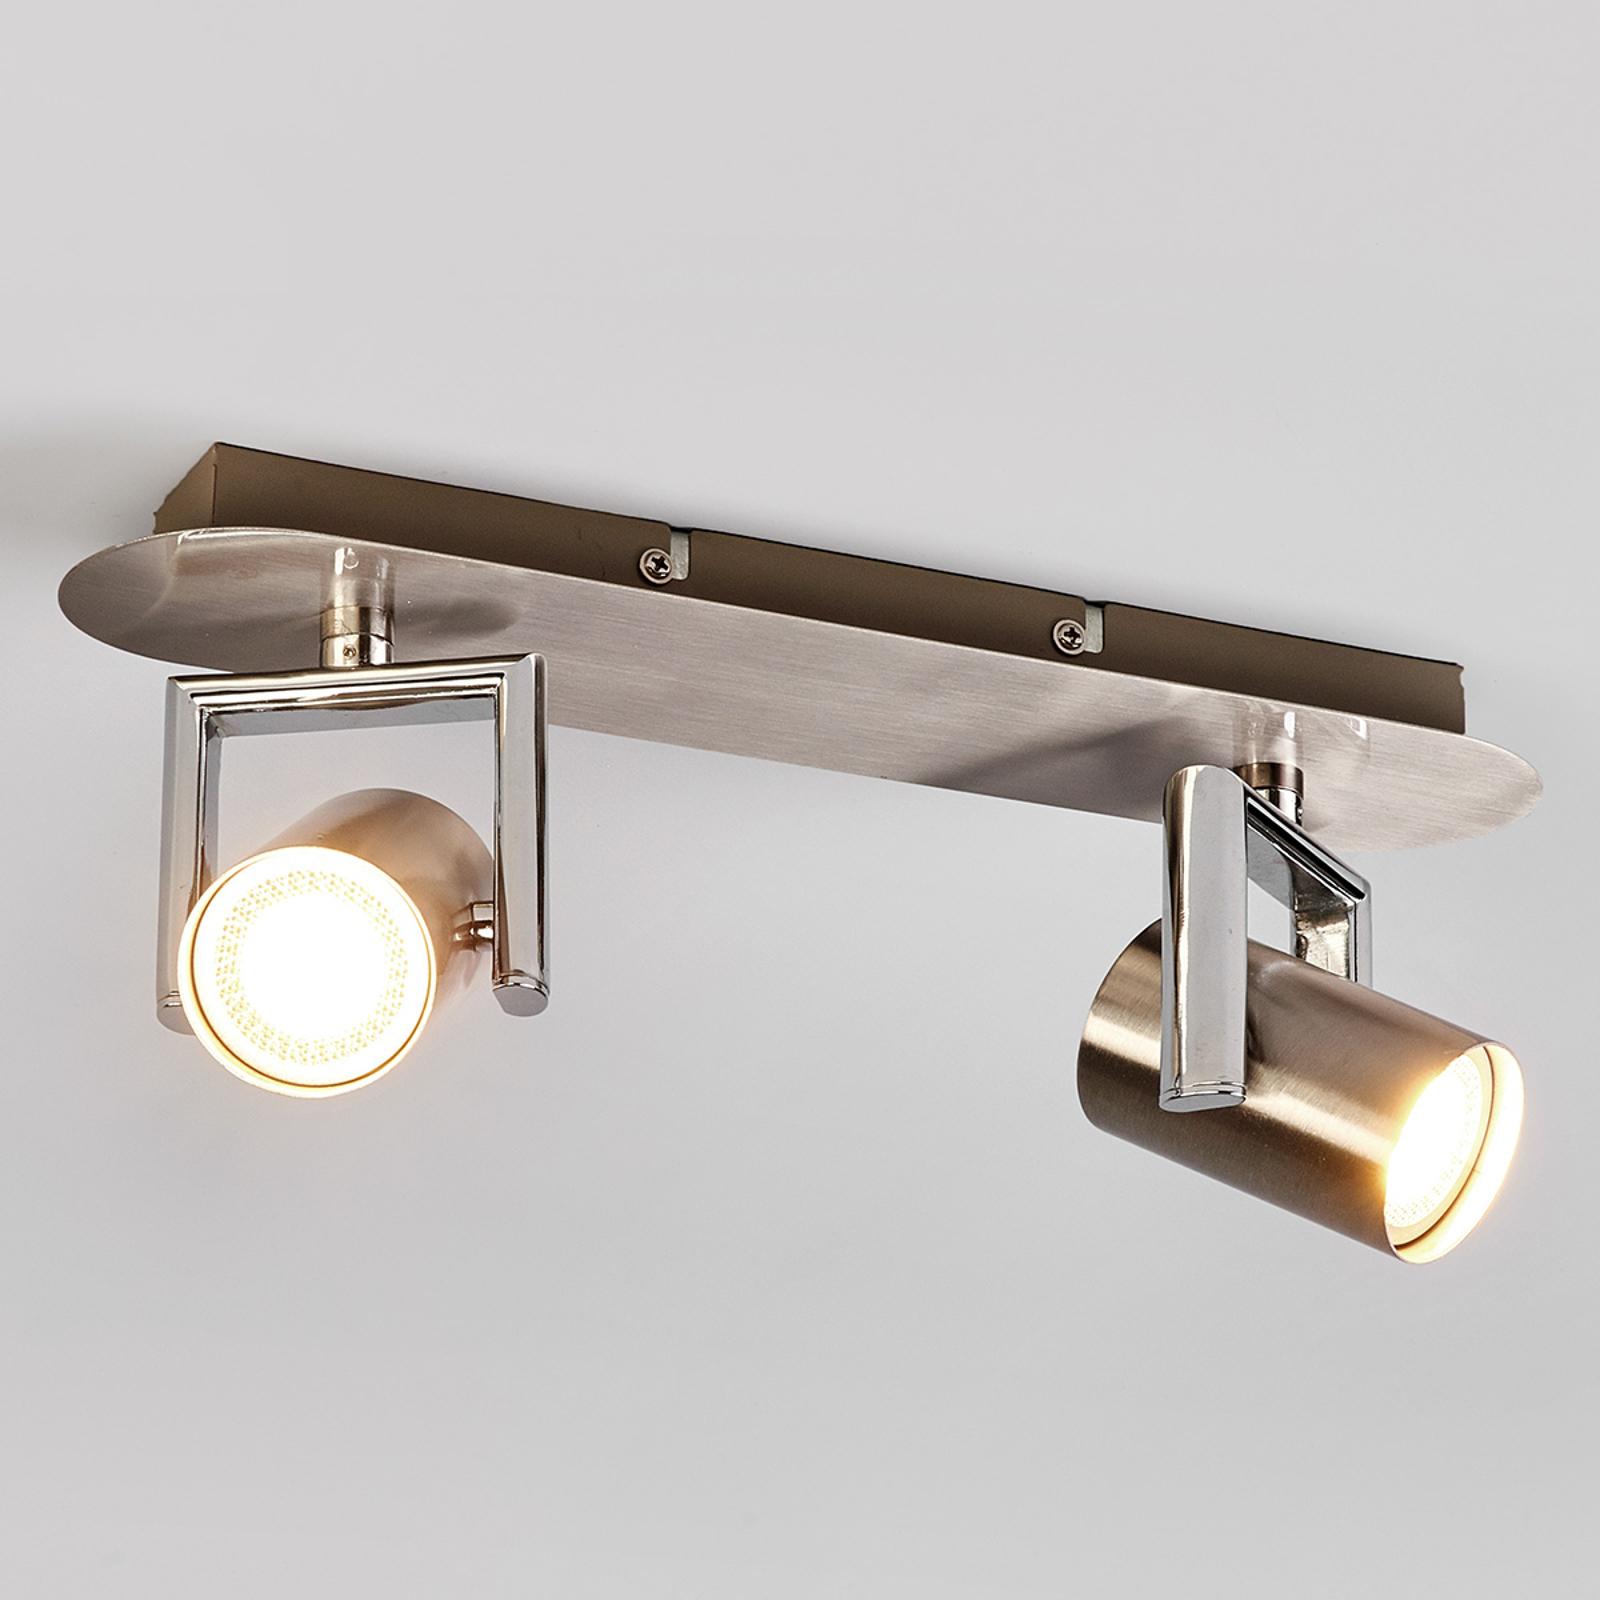 2-flammiger GU10-LED-Strahler Luciana kaufen